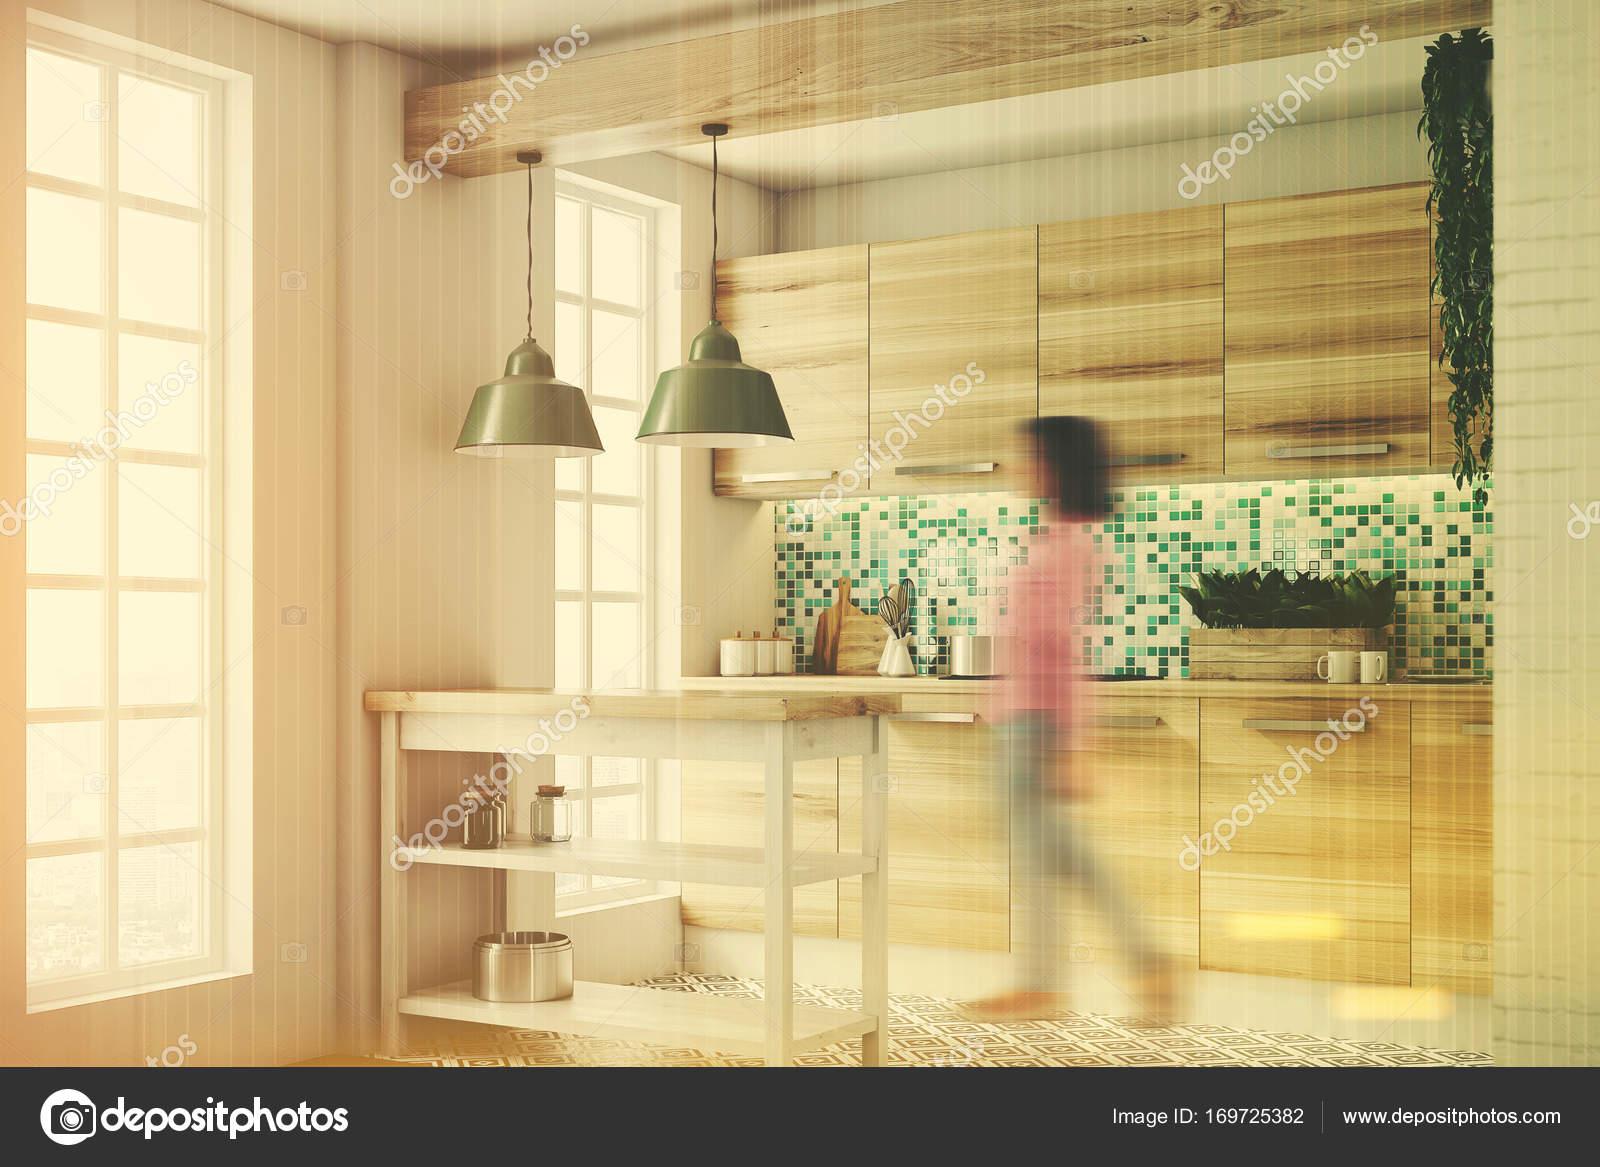 Grüne Küche, hölzernen Konsolen, Seite, getönt — Stockfoto ...